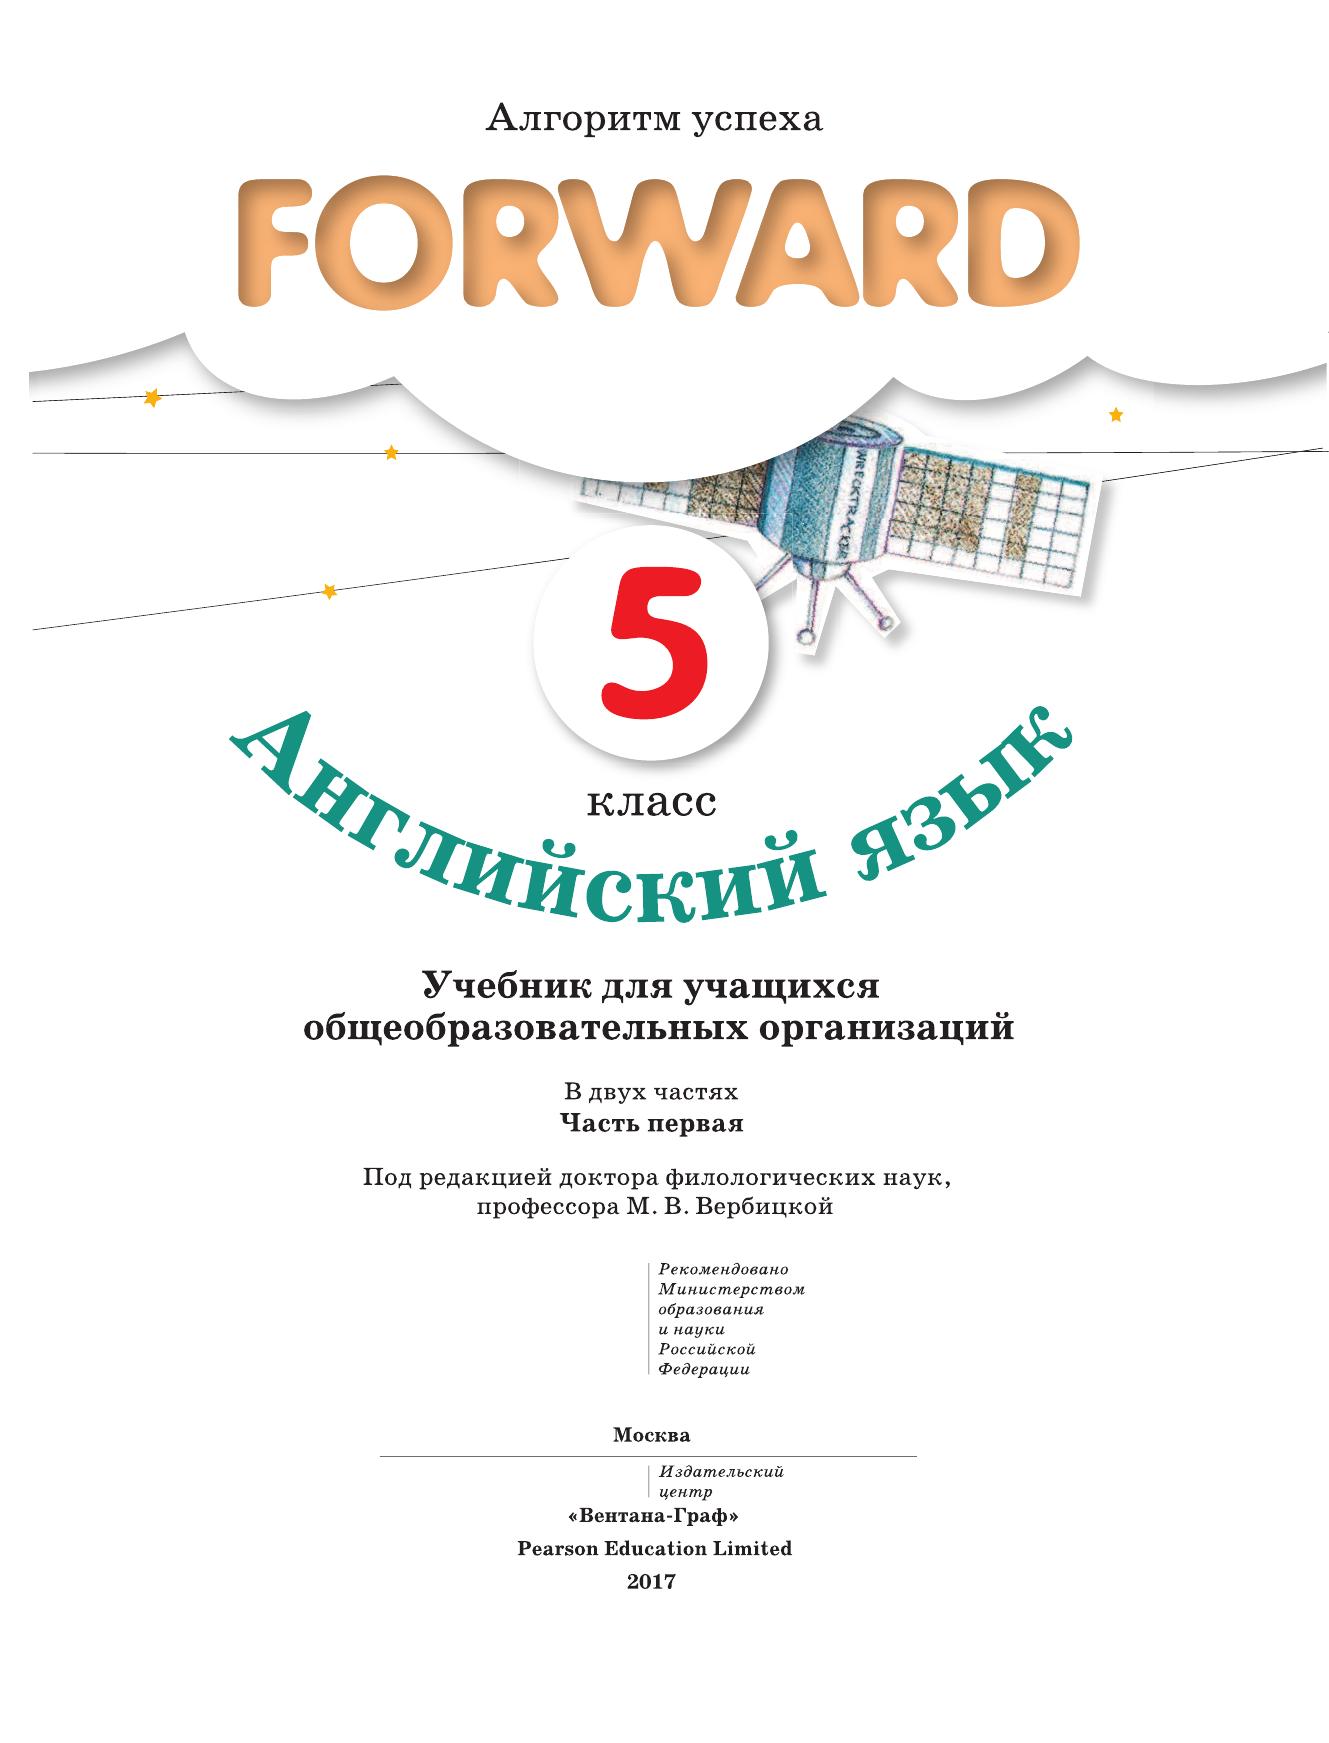 Forward вербицкая 5 класс гдз учебник